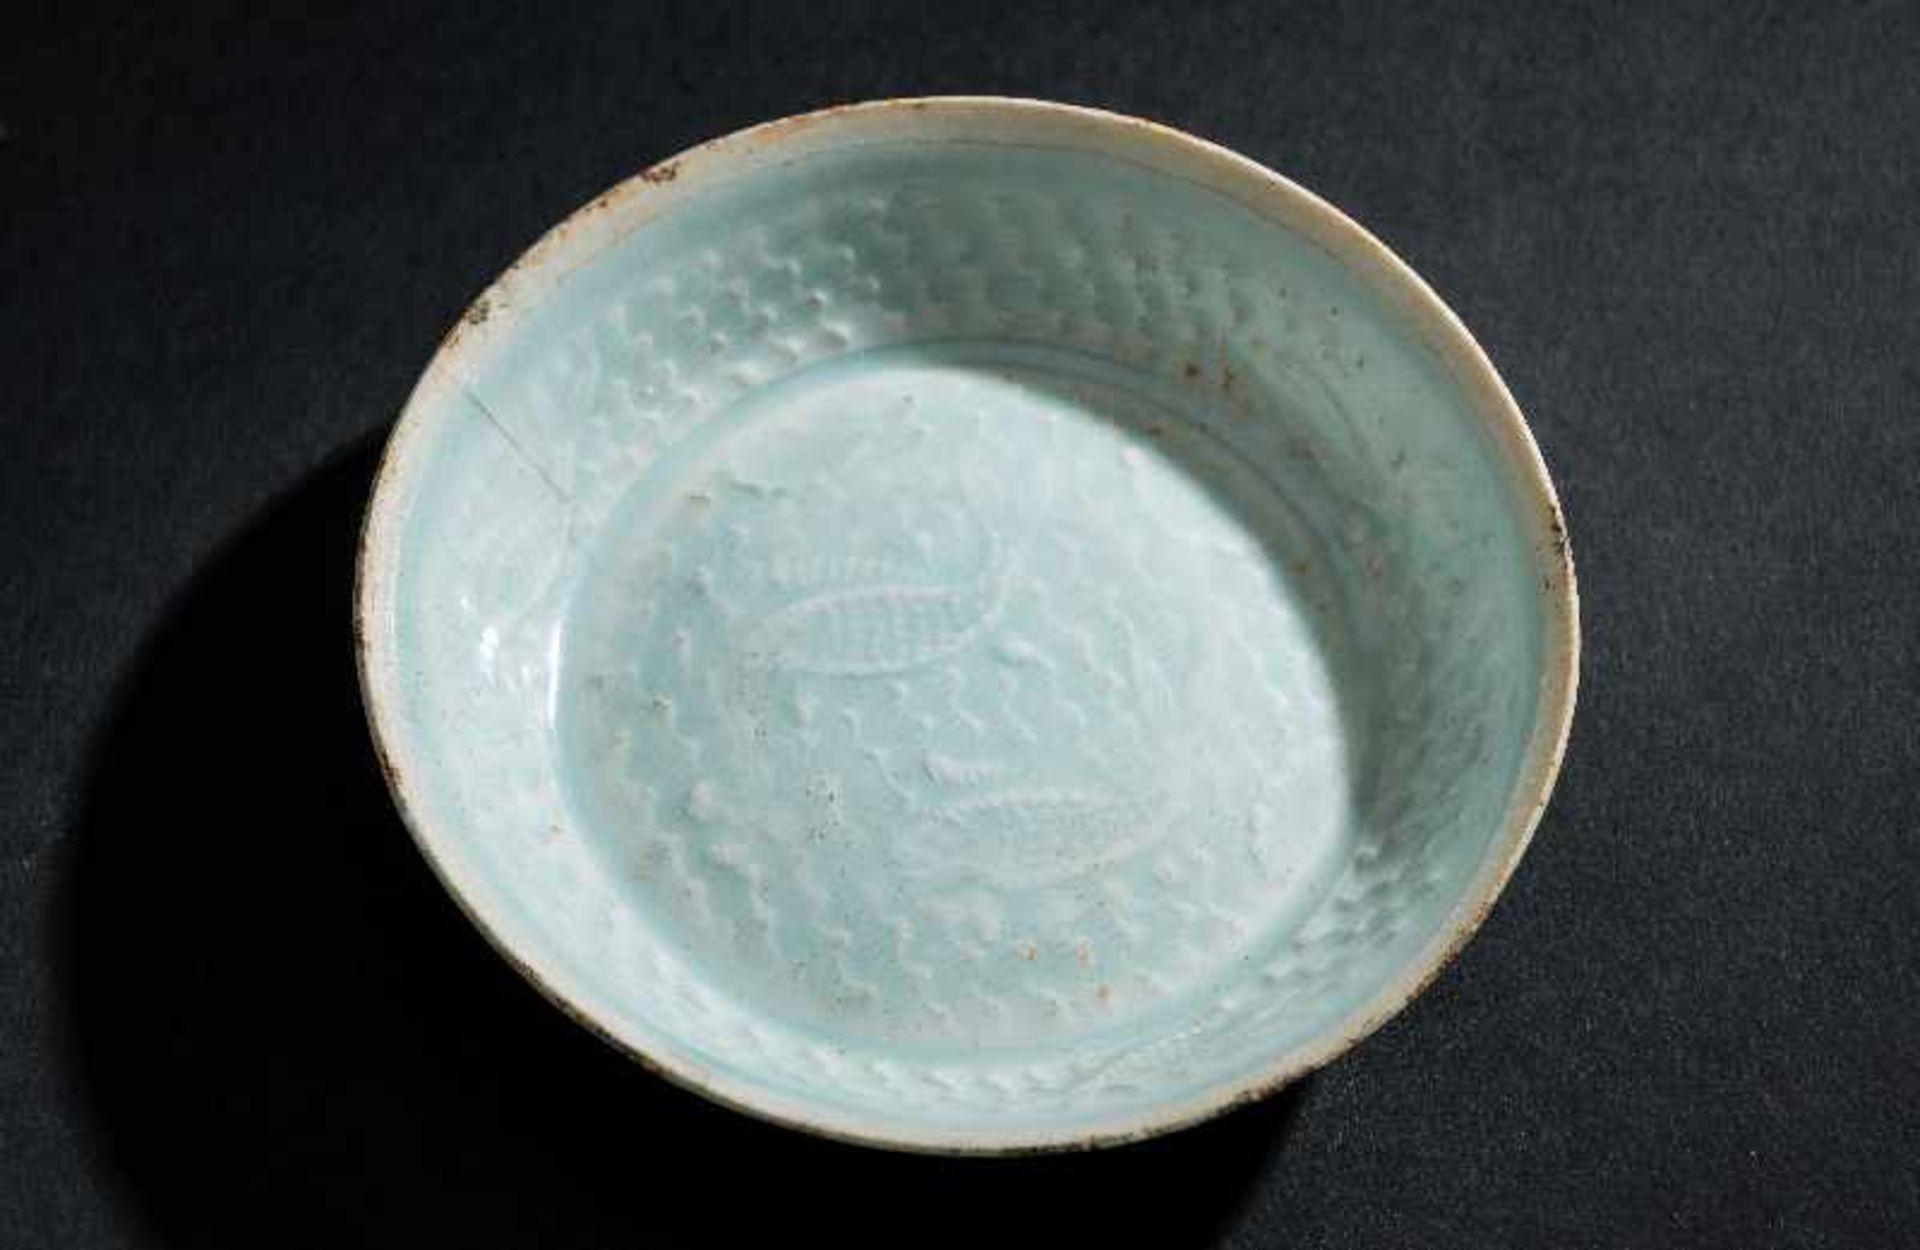 SCHÄLCHEN MIT FISCHENProtoporzellan. China, Song-Dynastie, ca. 10 – 12. Jh. Dieses dünnwandinge - Image 2 of 5